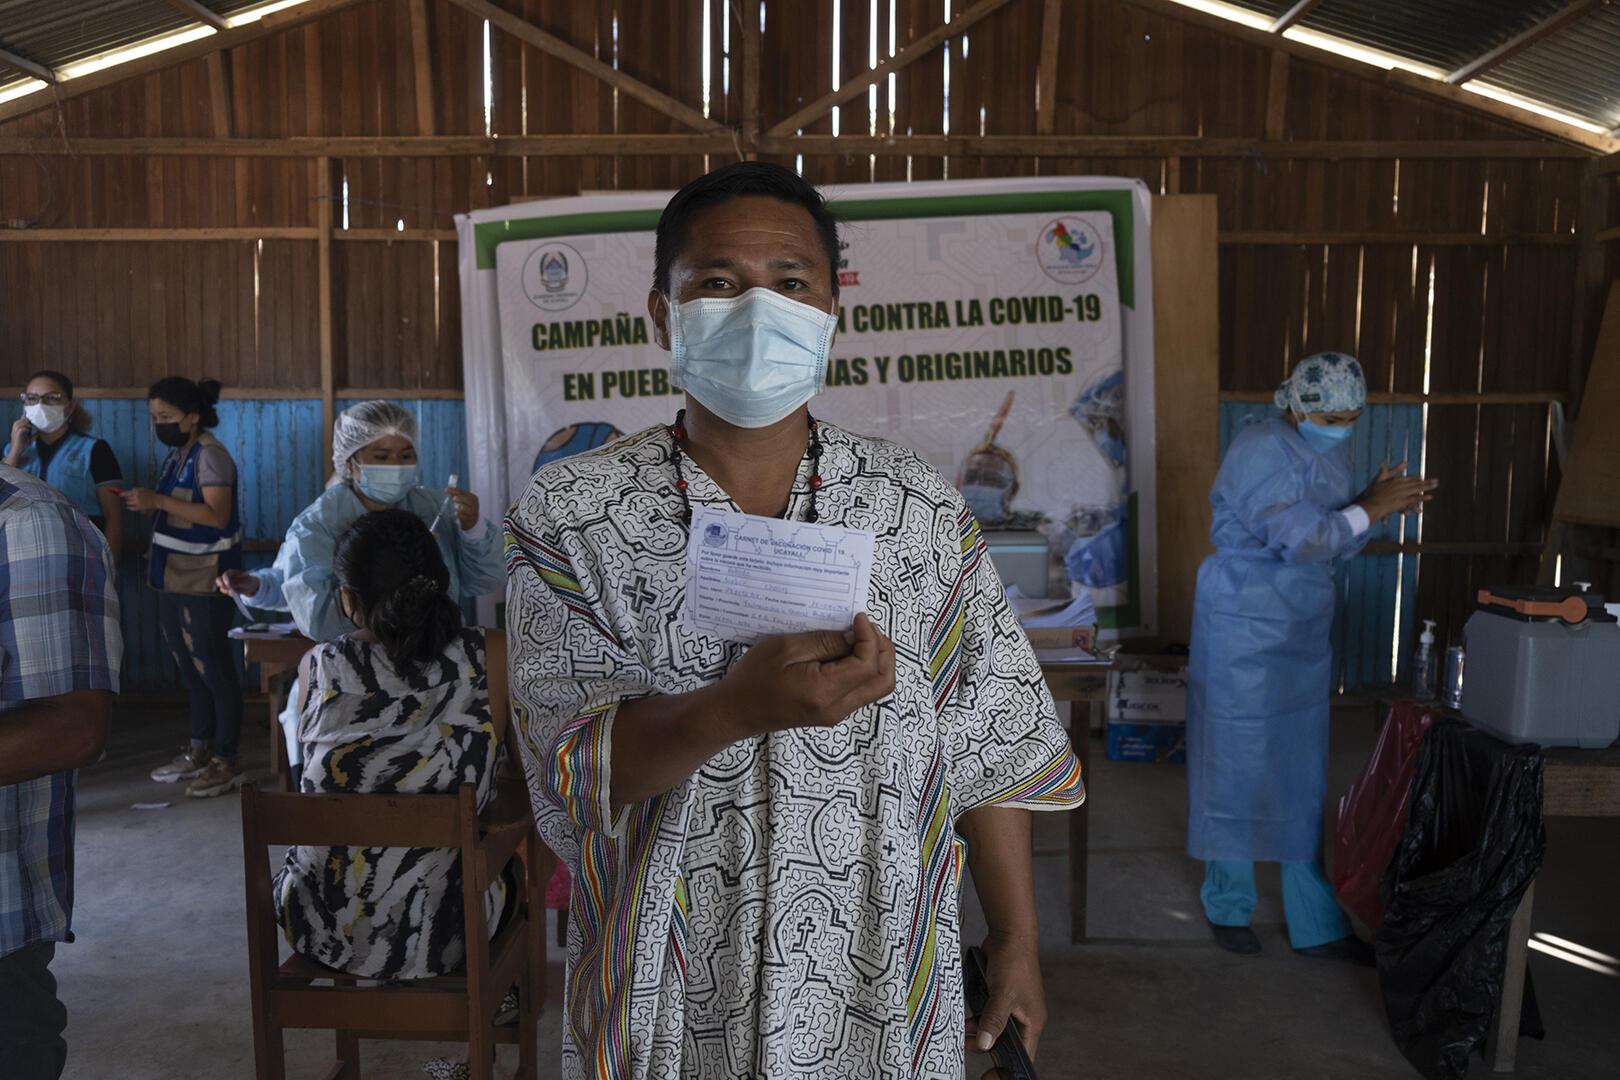 Vacunación indígena en riesgo por falta de información adecuada en las comunidades   Ojo Público